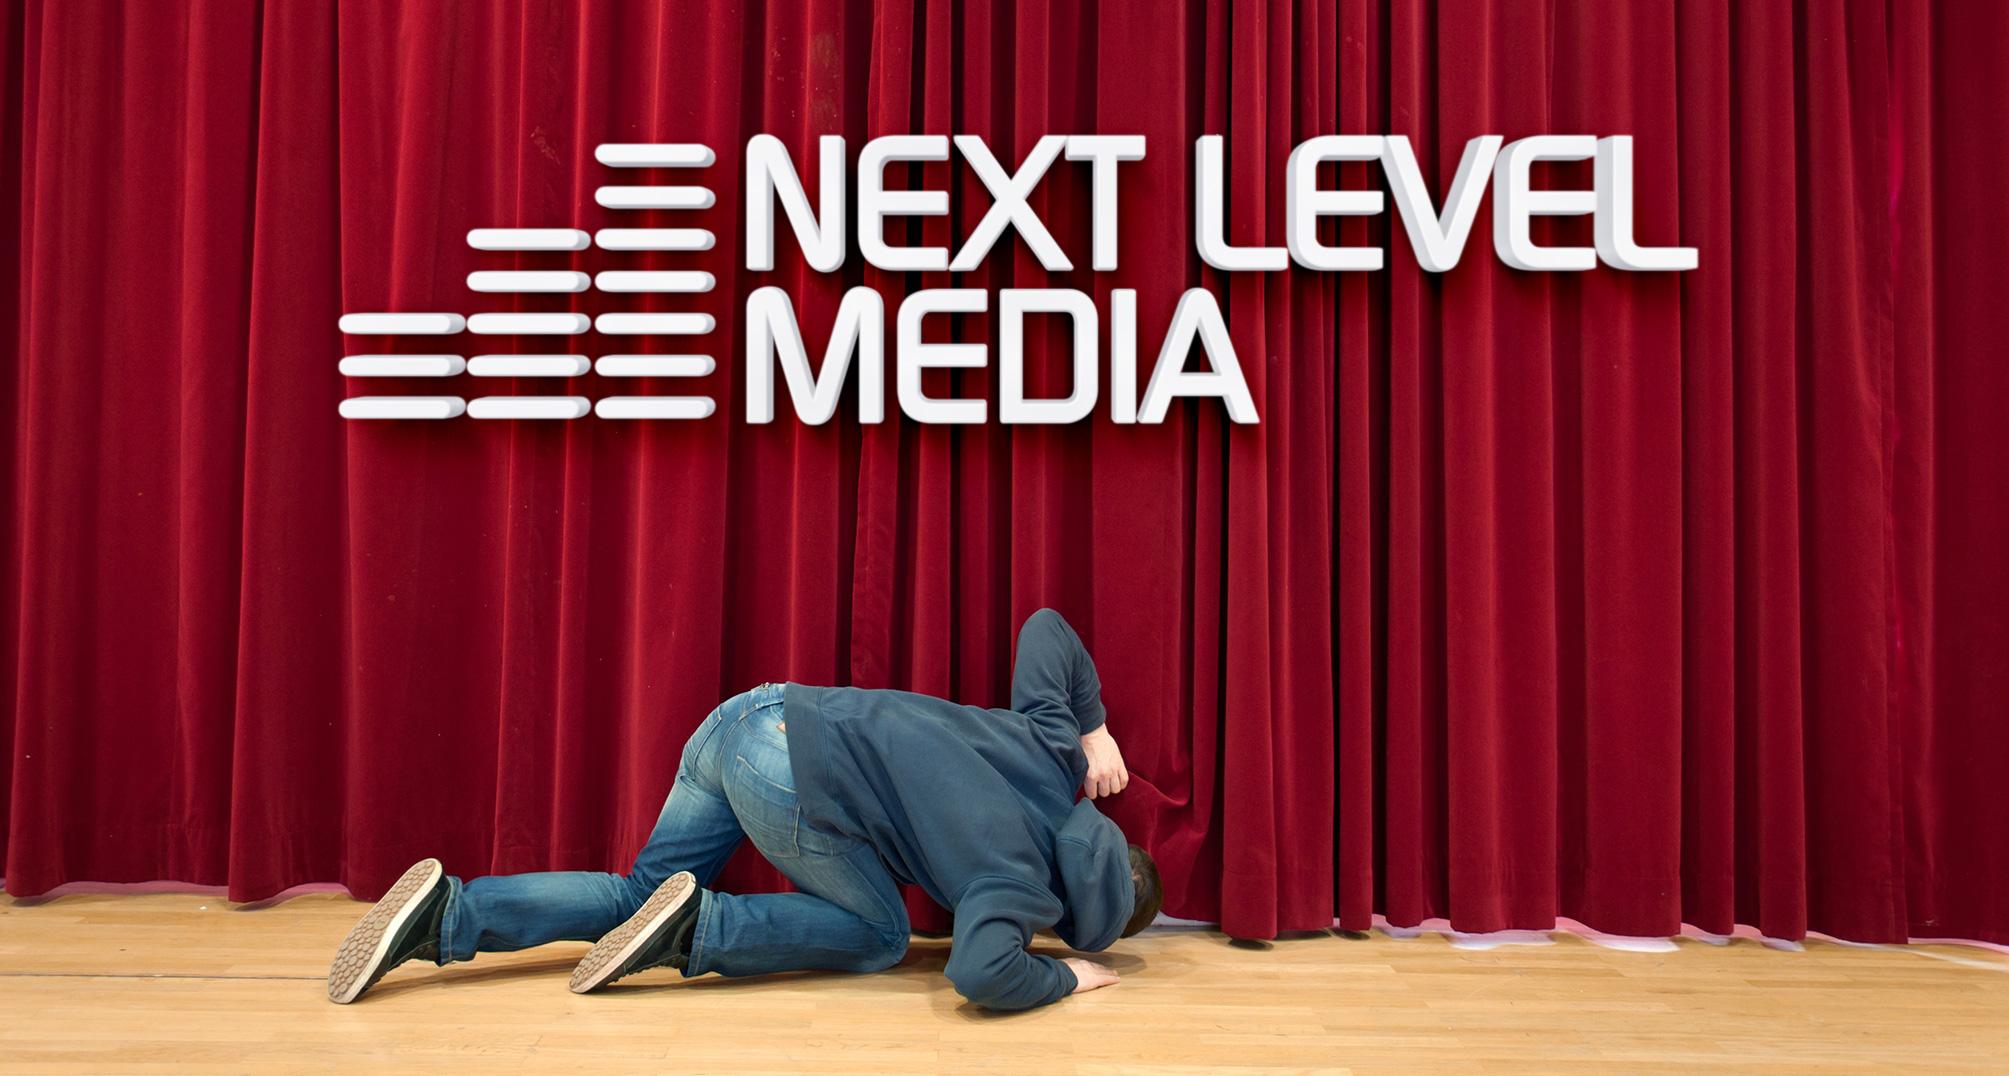 Next Level Media Referenzen